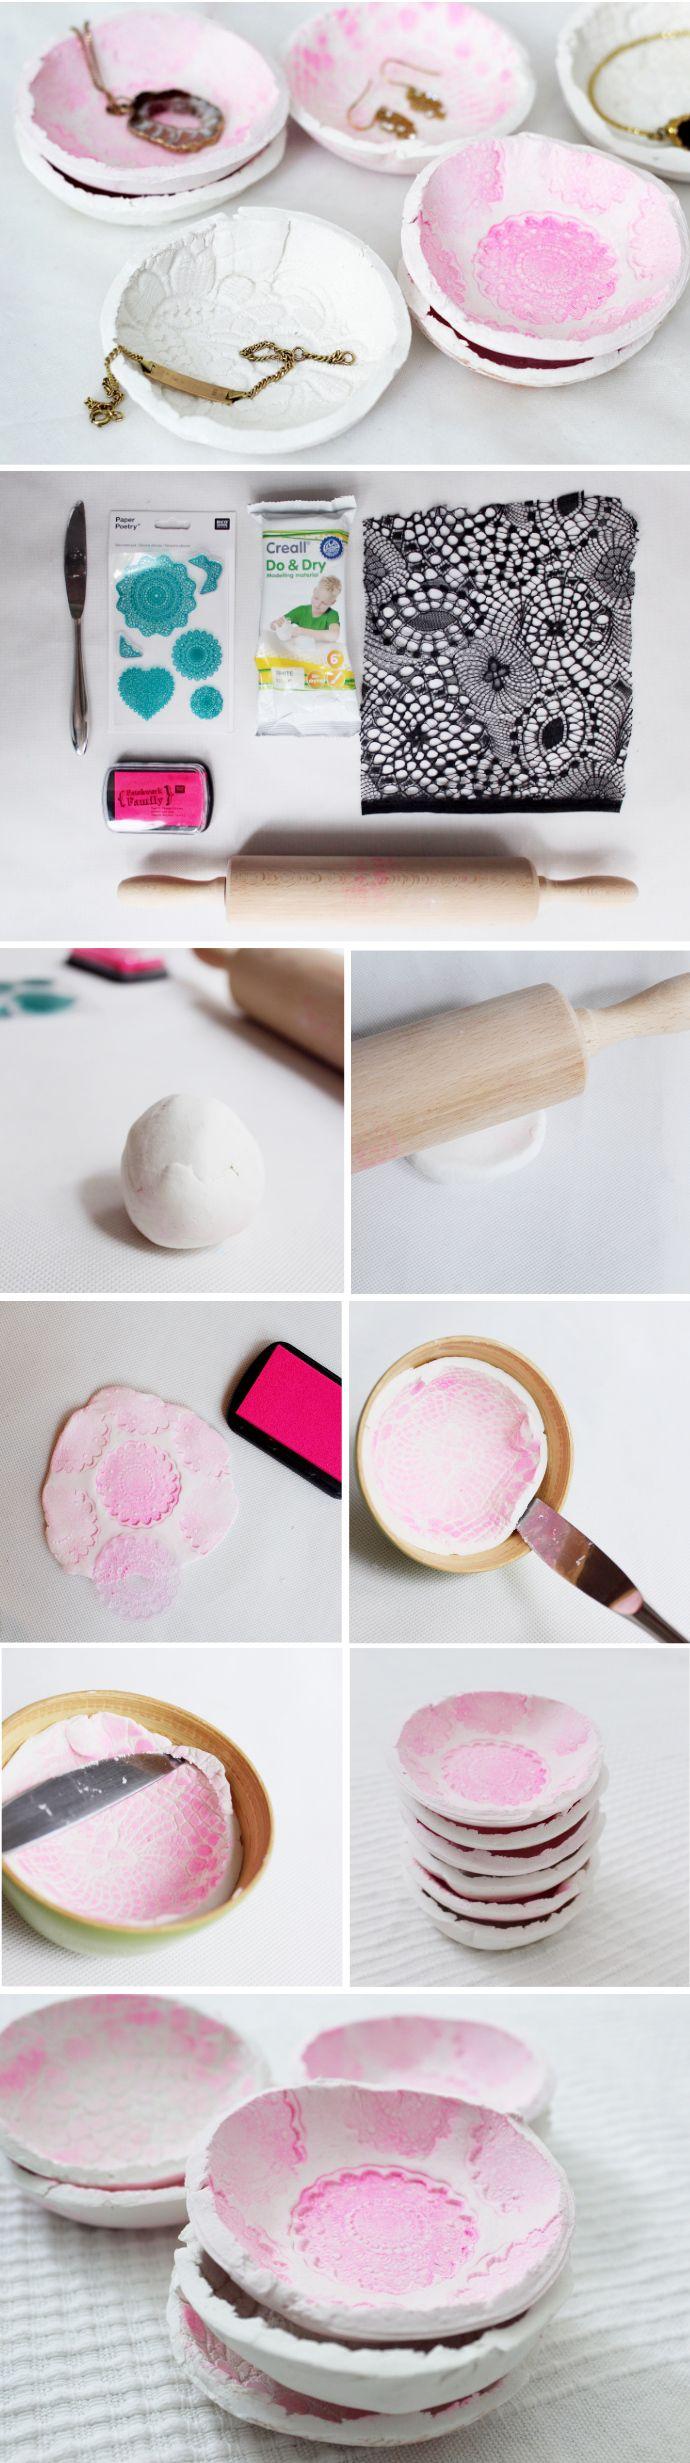 die besten 25 kinderschminken anleitung ideen auf pinterest kinder schminken anleitung. Black Bedroom Furniture Sets. Home Design Ideas